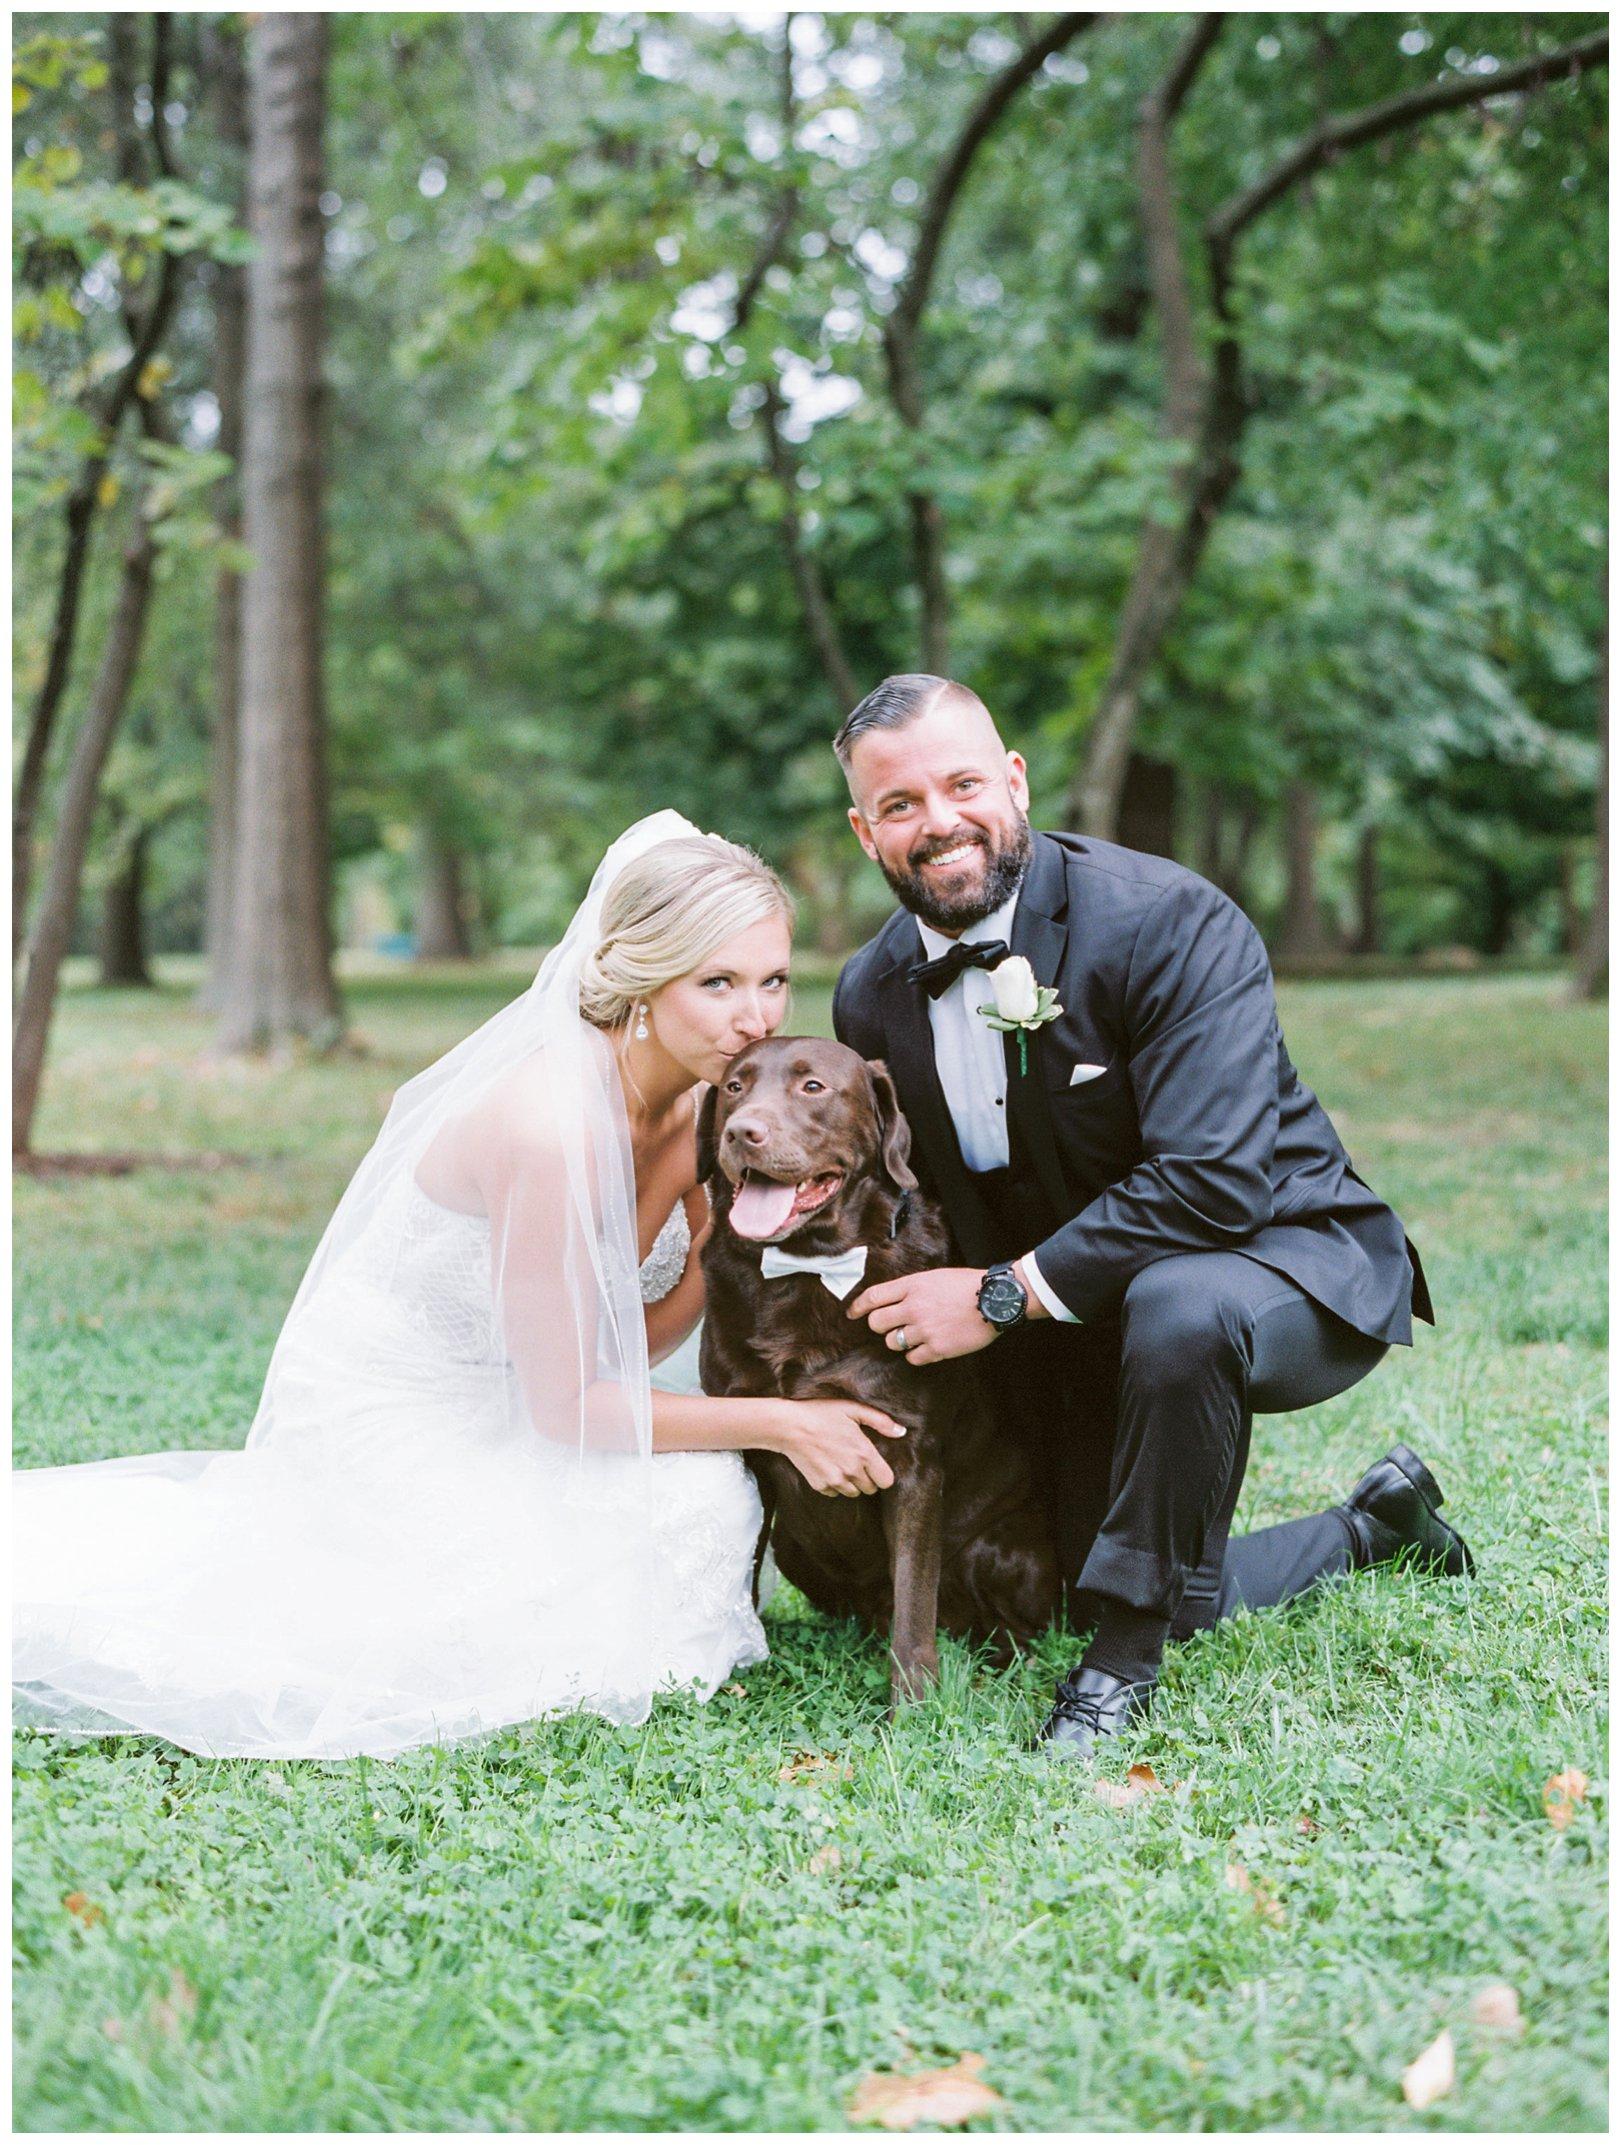 lauren muckler photography_fine art film wedding photography_st louis_photography_2151.jpg